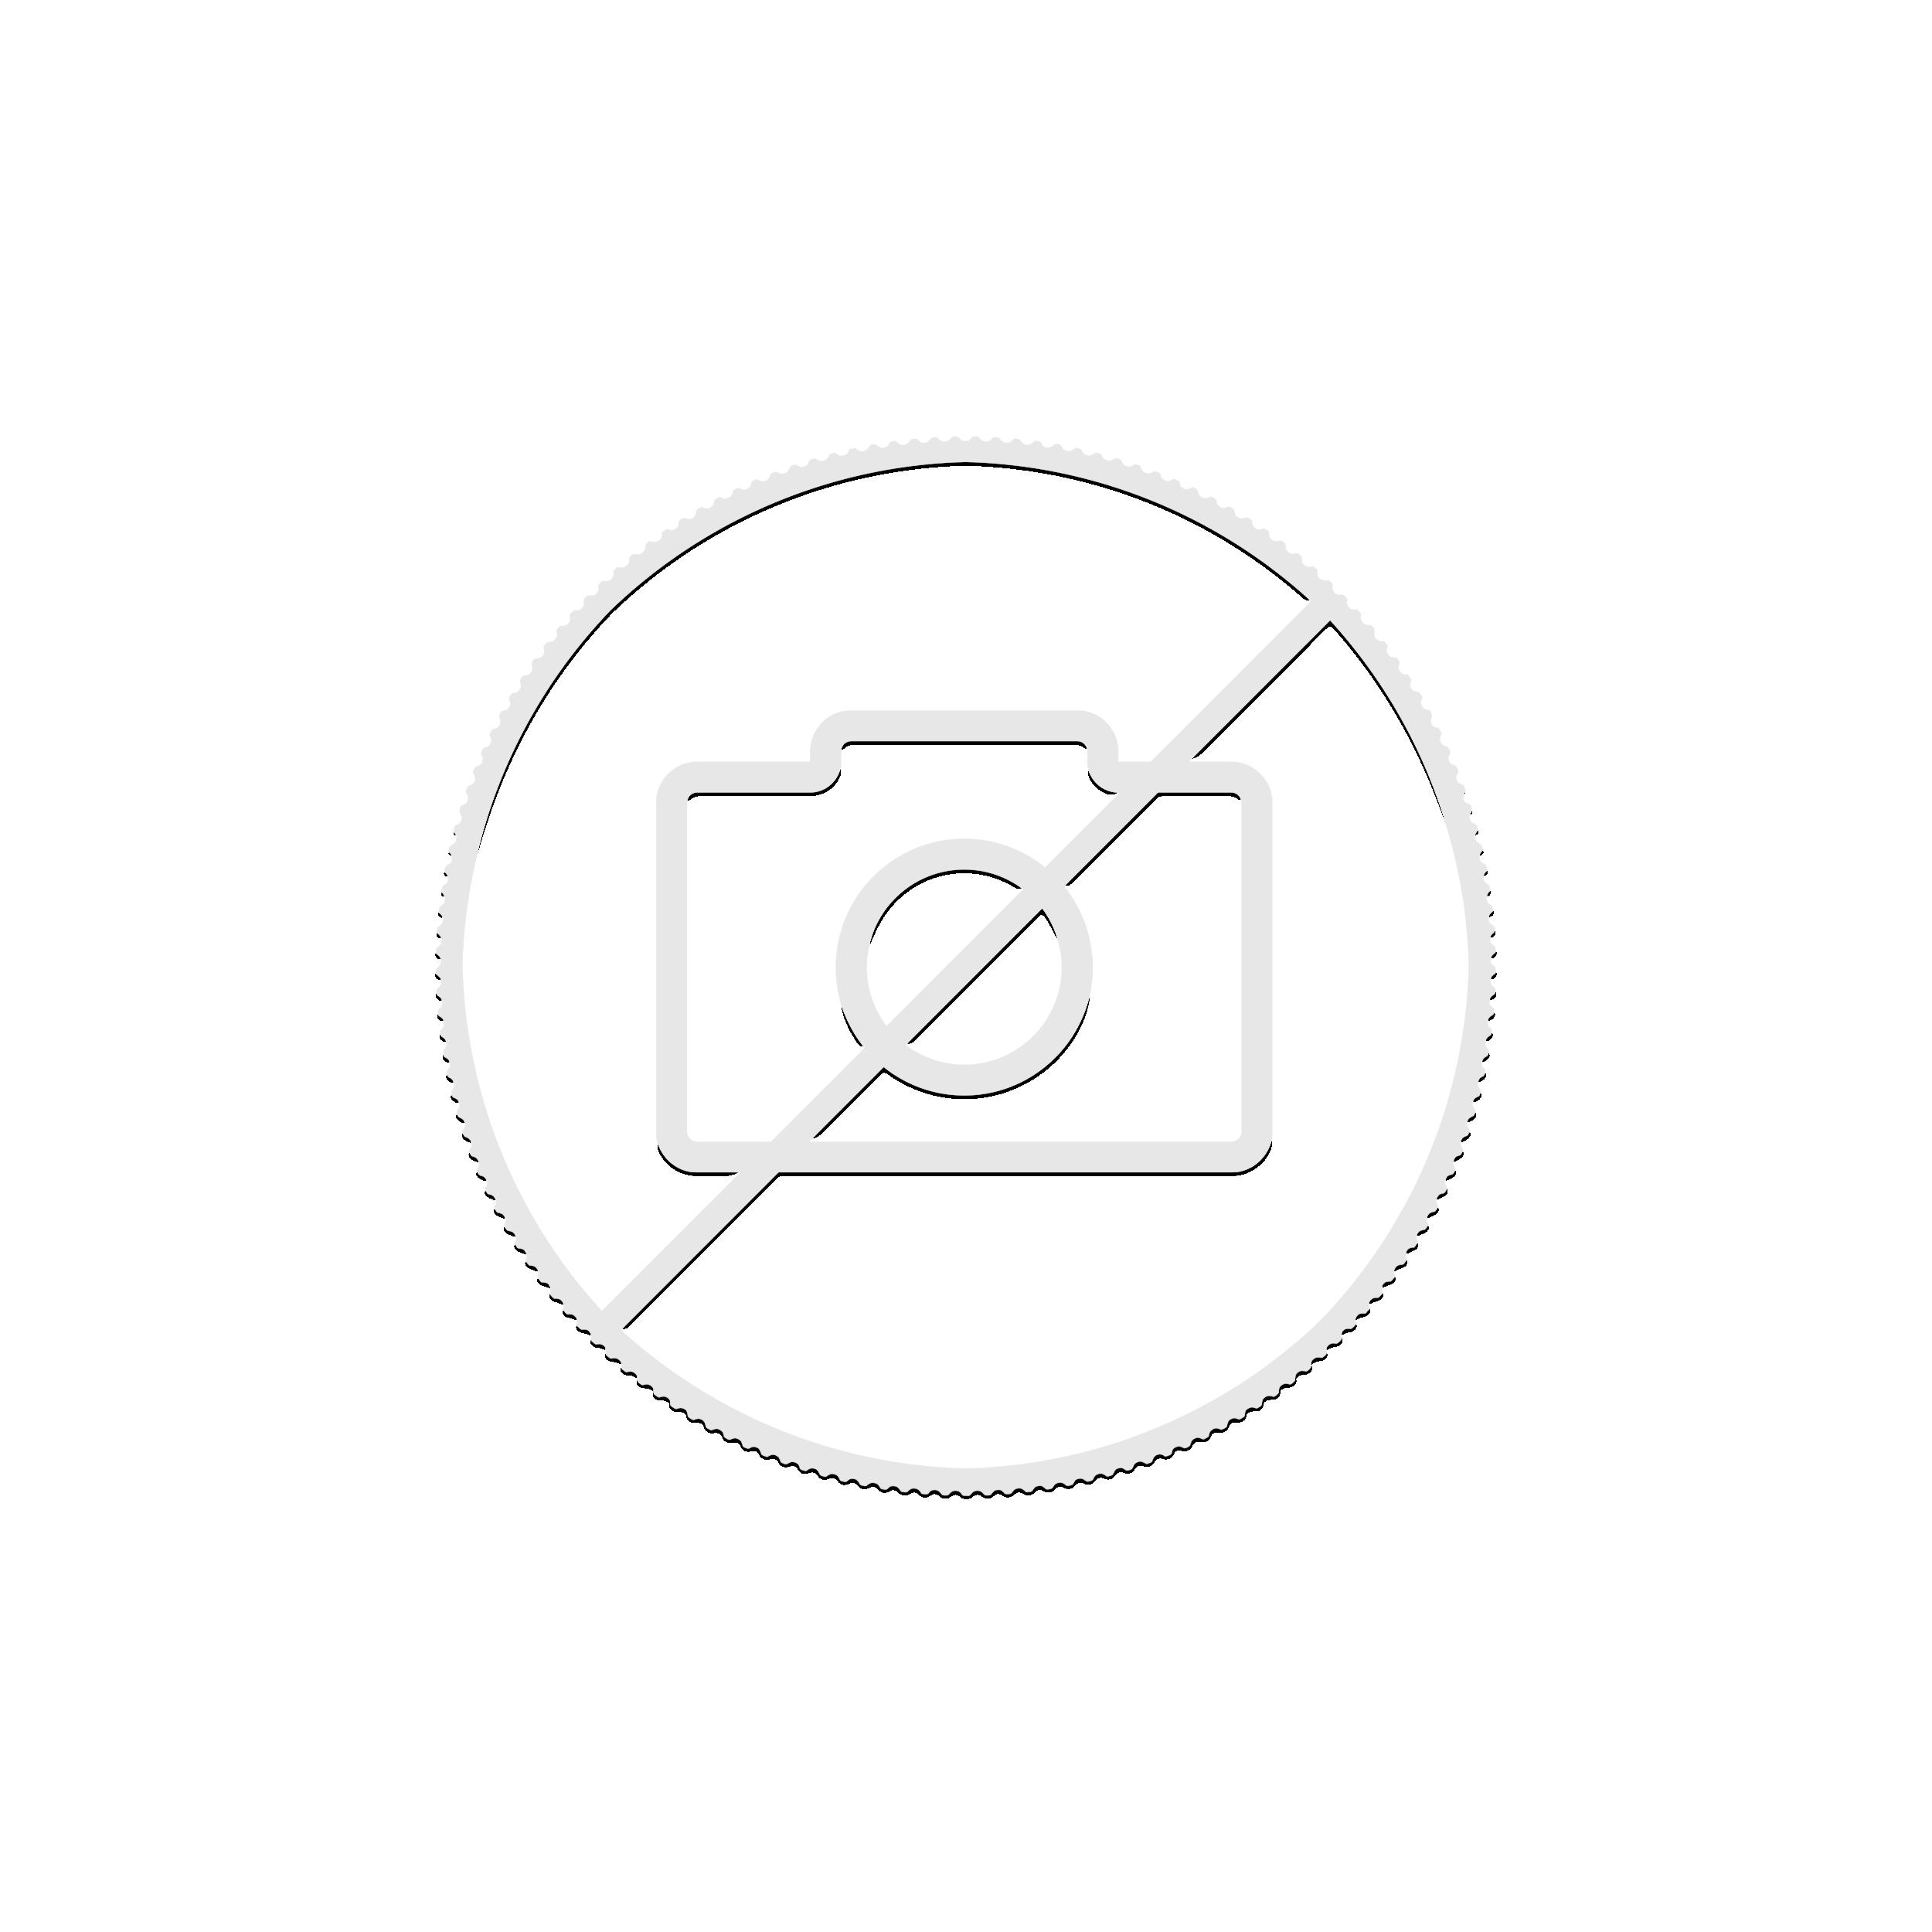 2004 - Gouden Tien Euro munt - Europa